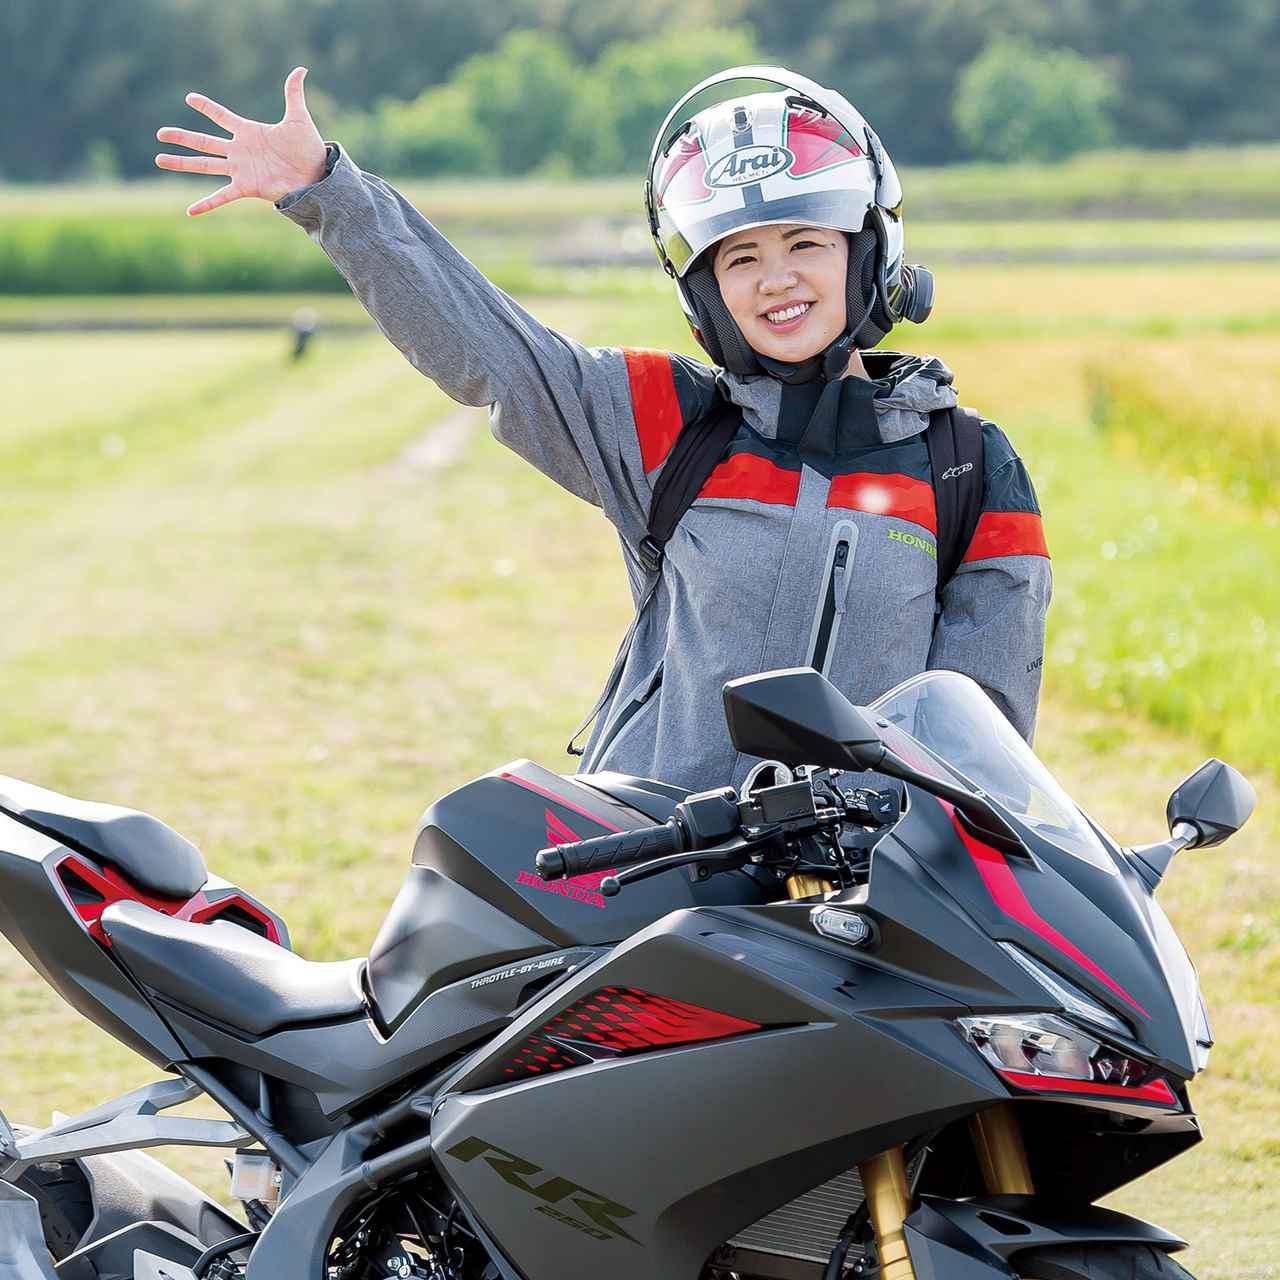 画像: 梅本まどか 愛知県名古屋市出身。元『SKE48』のアイドル時代を経て、現在は地元名古屋を拠点にタレントとして活躍中の彼女は二輪、四輪問わずモータースポーツが大好き。趣味はレース観戦。愛車はHonda CB400SF。